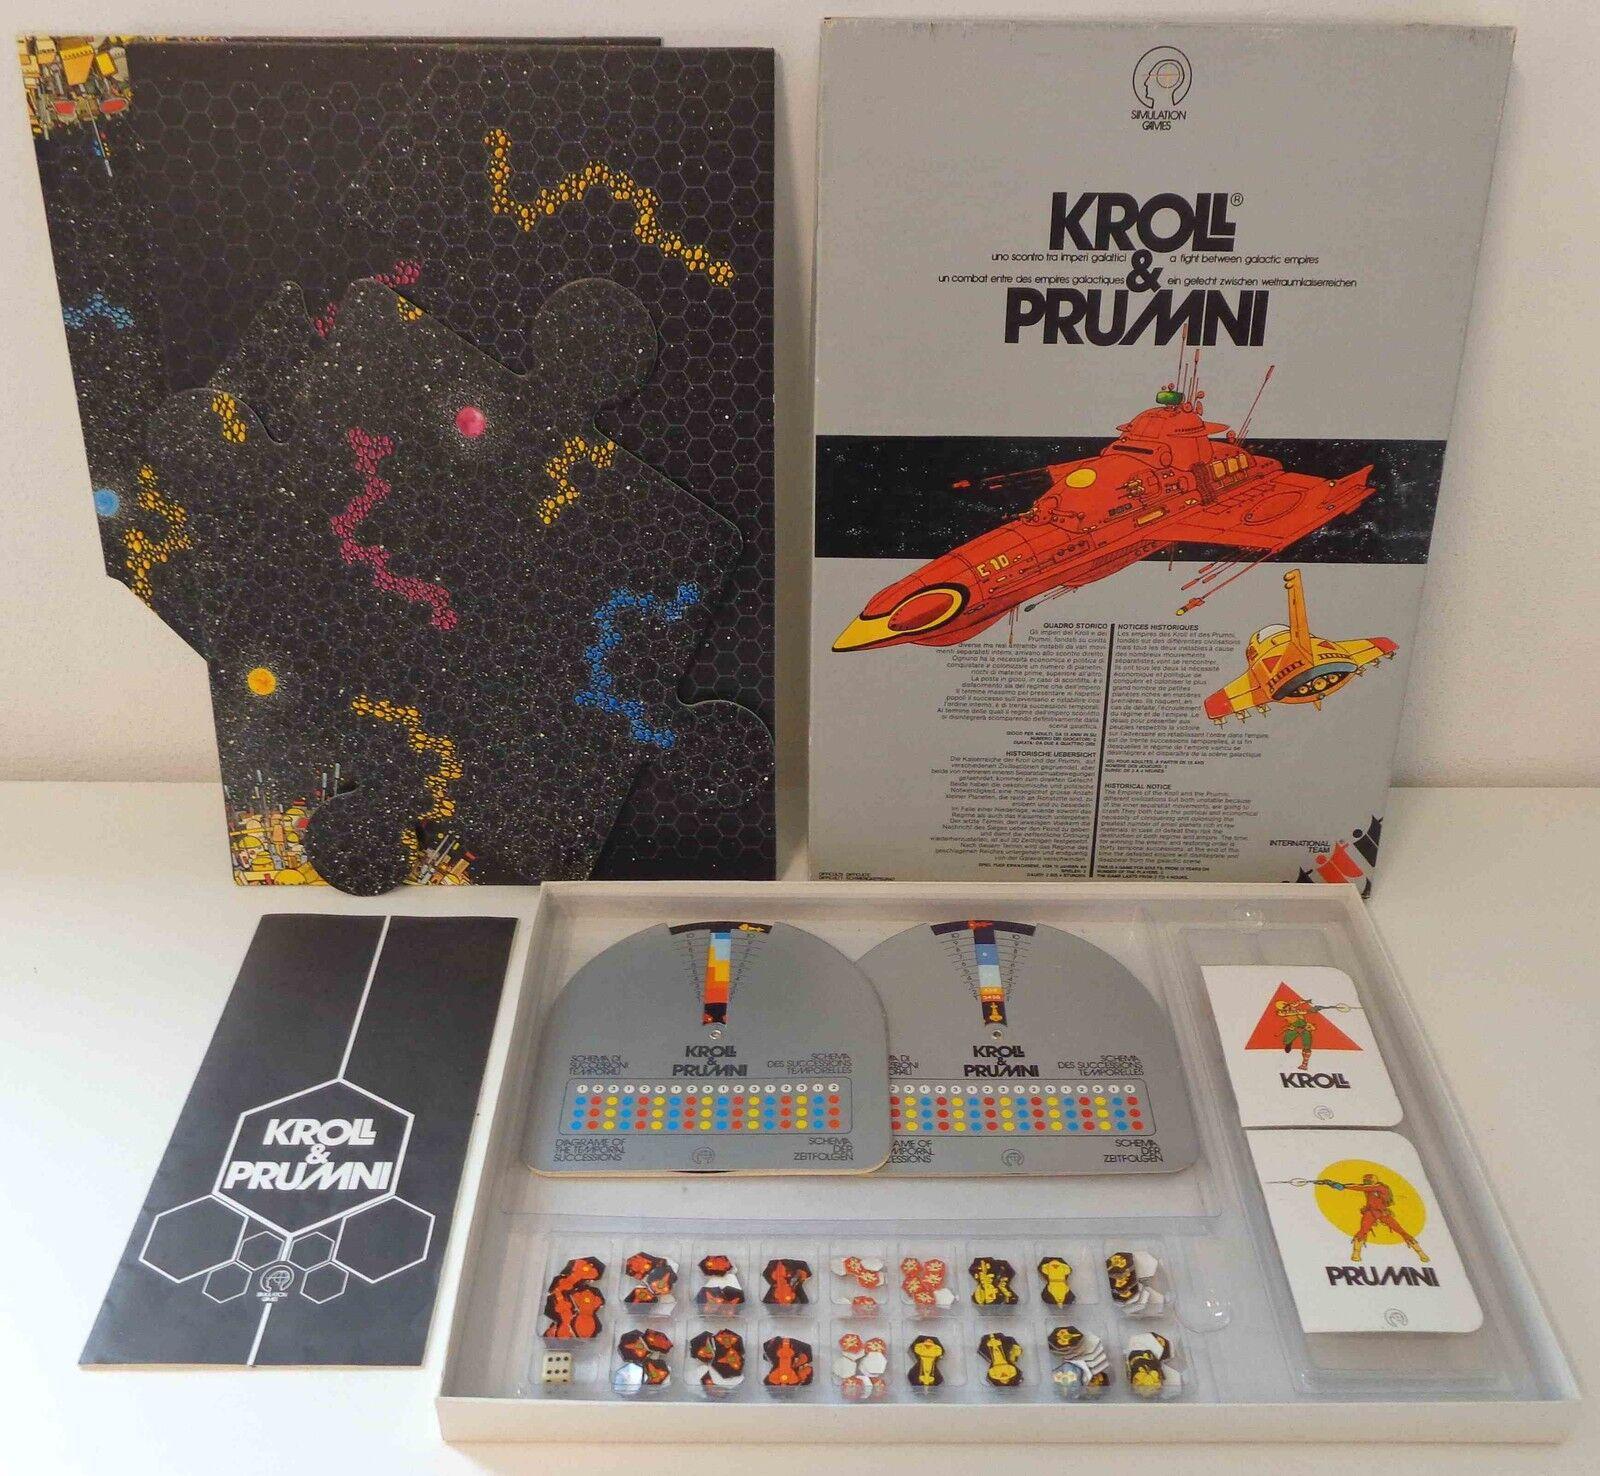 Board game GAME GAMES VINTAGE 1979 Kroll & prumni International Team Italian